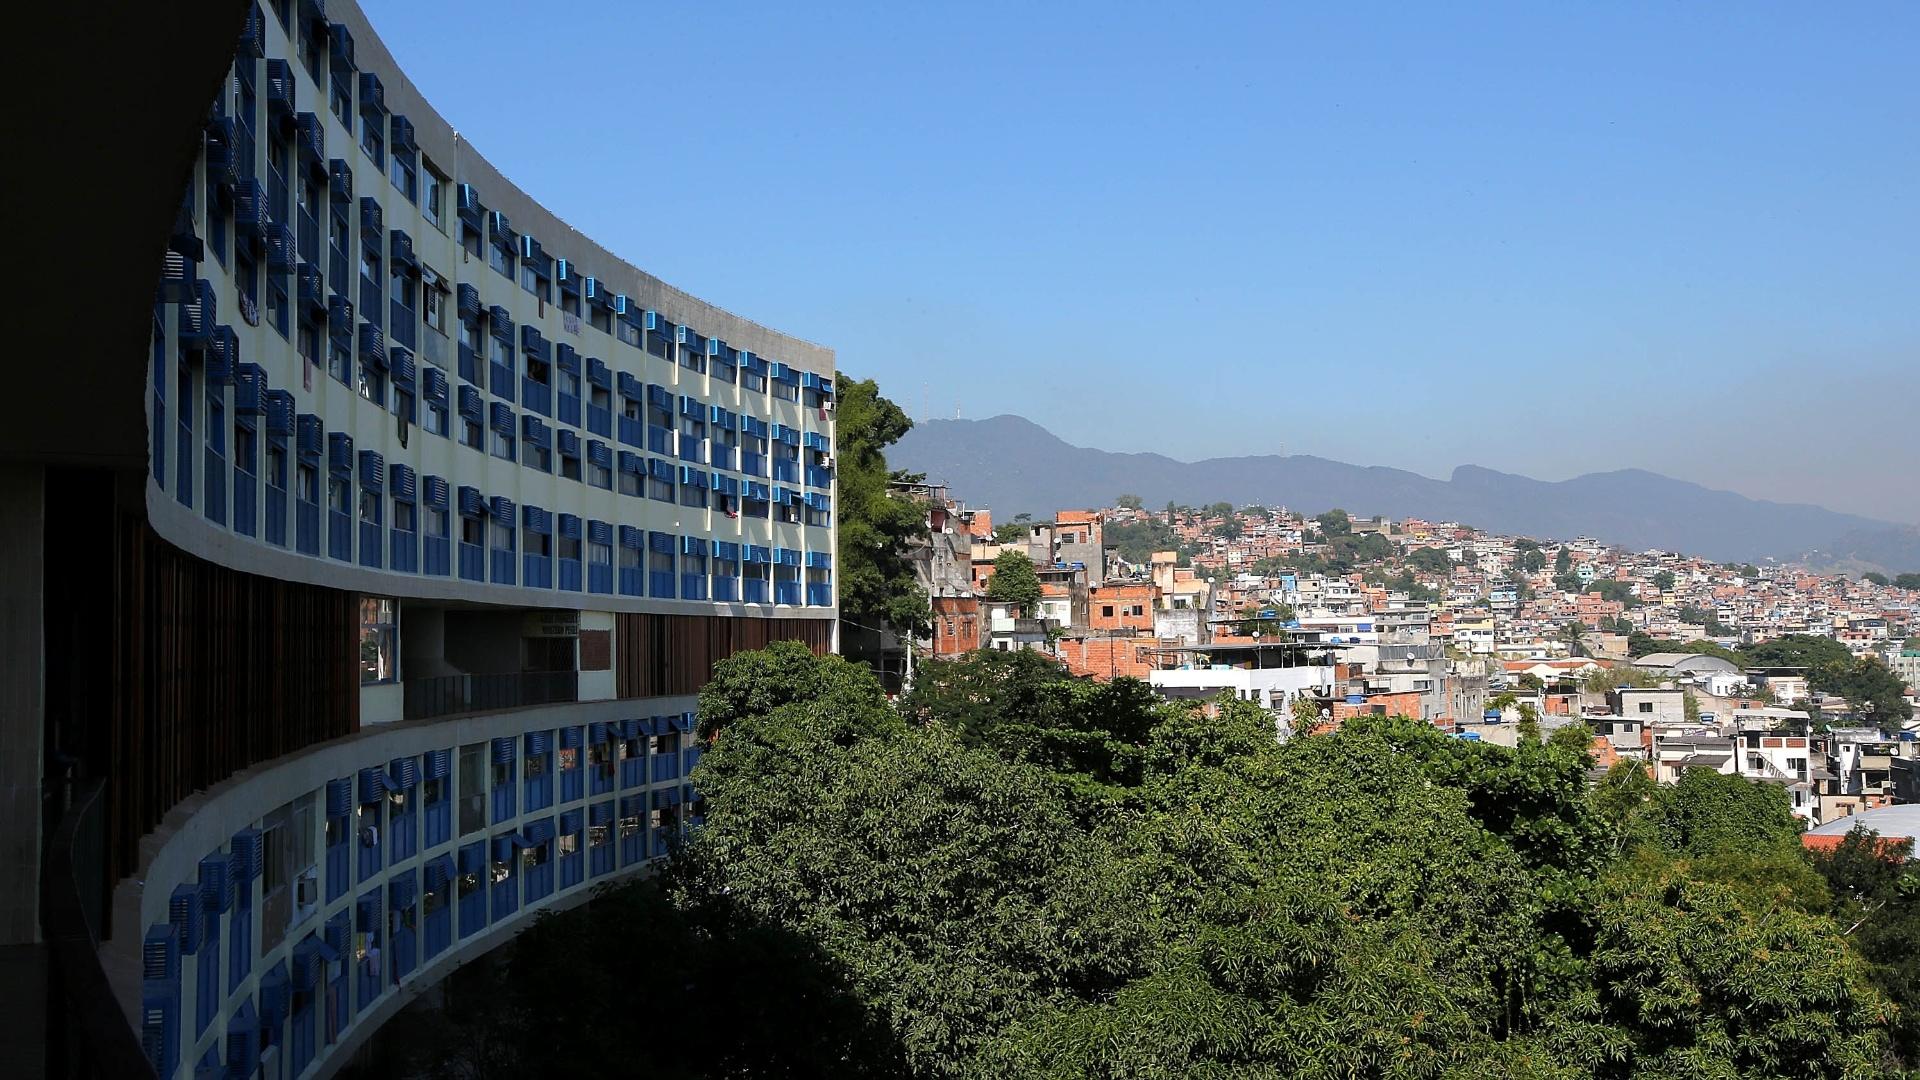 27.mai.2015 - O principal prédio do conjunto Pedregulho fica ao lado da favela do Tuiuti, que possui uma UPP (Unidade de Polícia Pacificadora) desde abril de 2013. O maior edifício tem 272 apartamentos e sete pavimentos. Outros dois blocos têm 28 apartamentos cada um